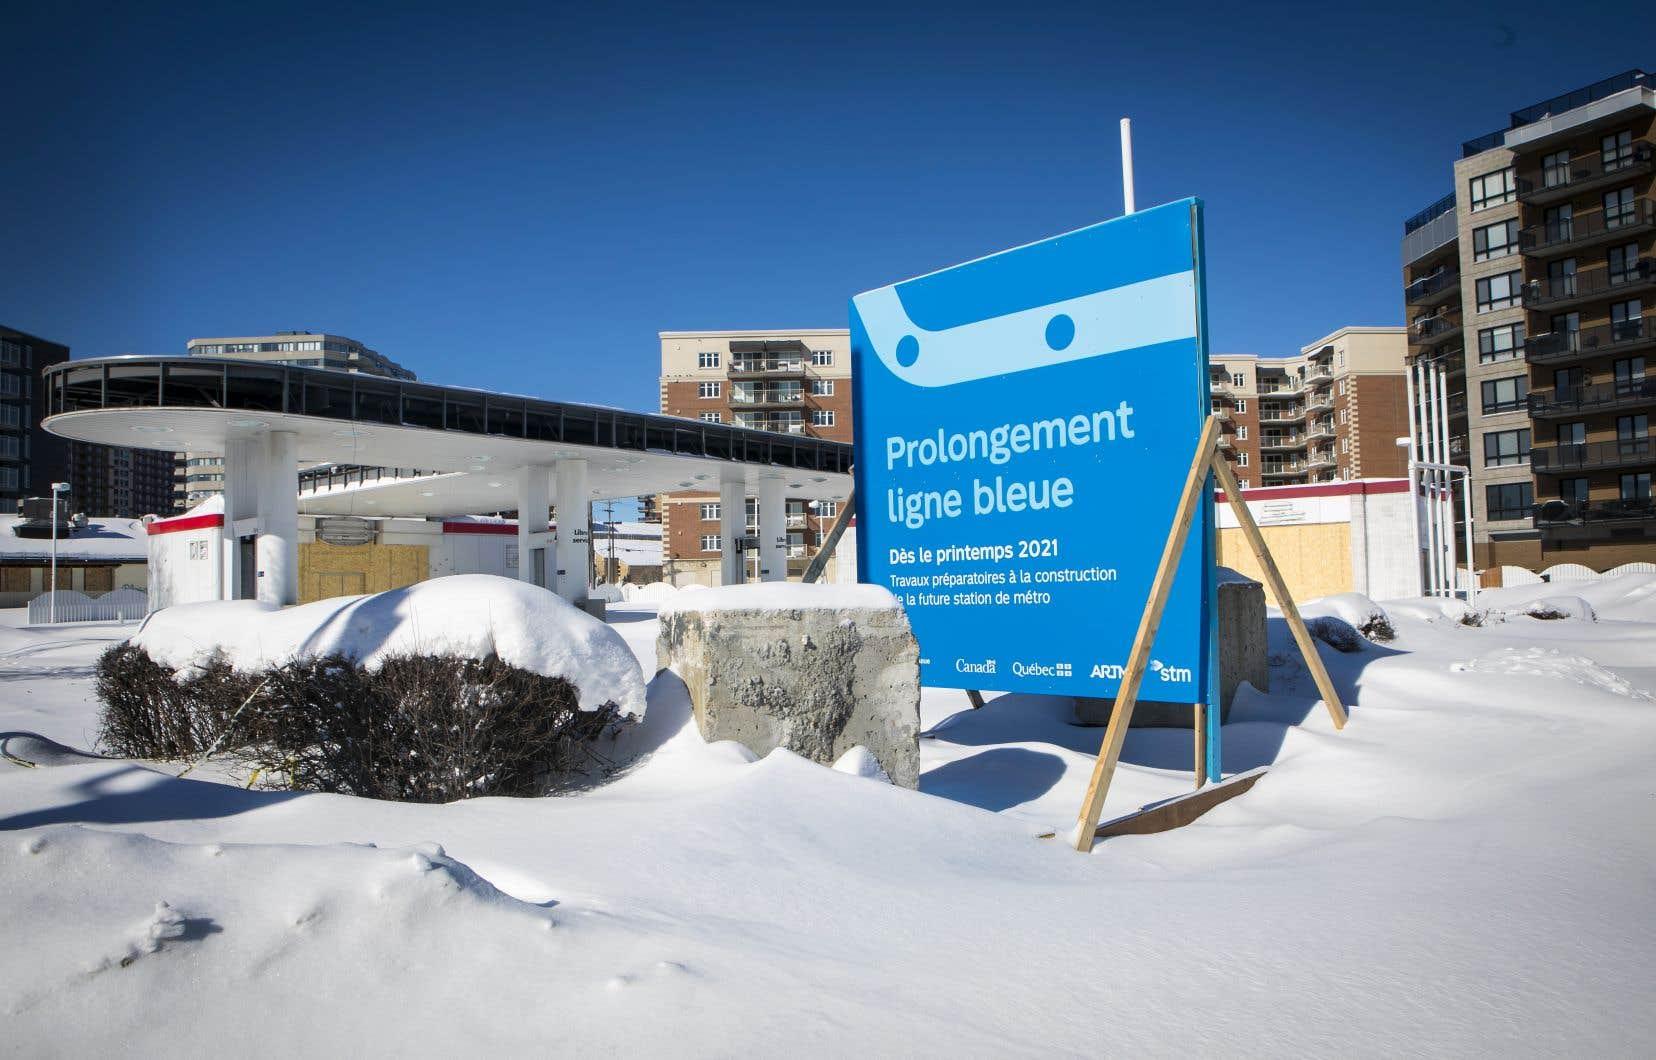 L'annonce du REM de l'Est par le gouvernement de François Legault en décembre dernier ajoute à la complexité du dossier puisque l'antenne du REM qui se rend jusqu'à Montréal-Nord croisera la ligne bleue. La station Lacordaire deviendra intermodale et sa conception devra être revue de fond en comble.